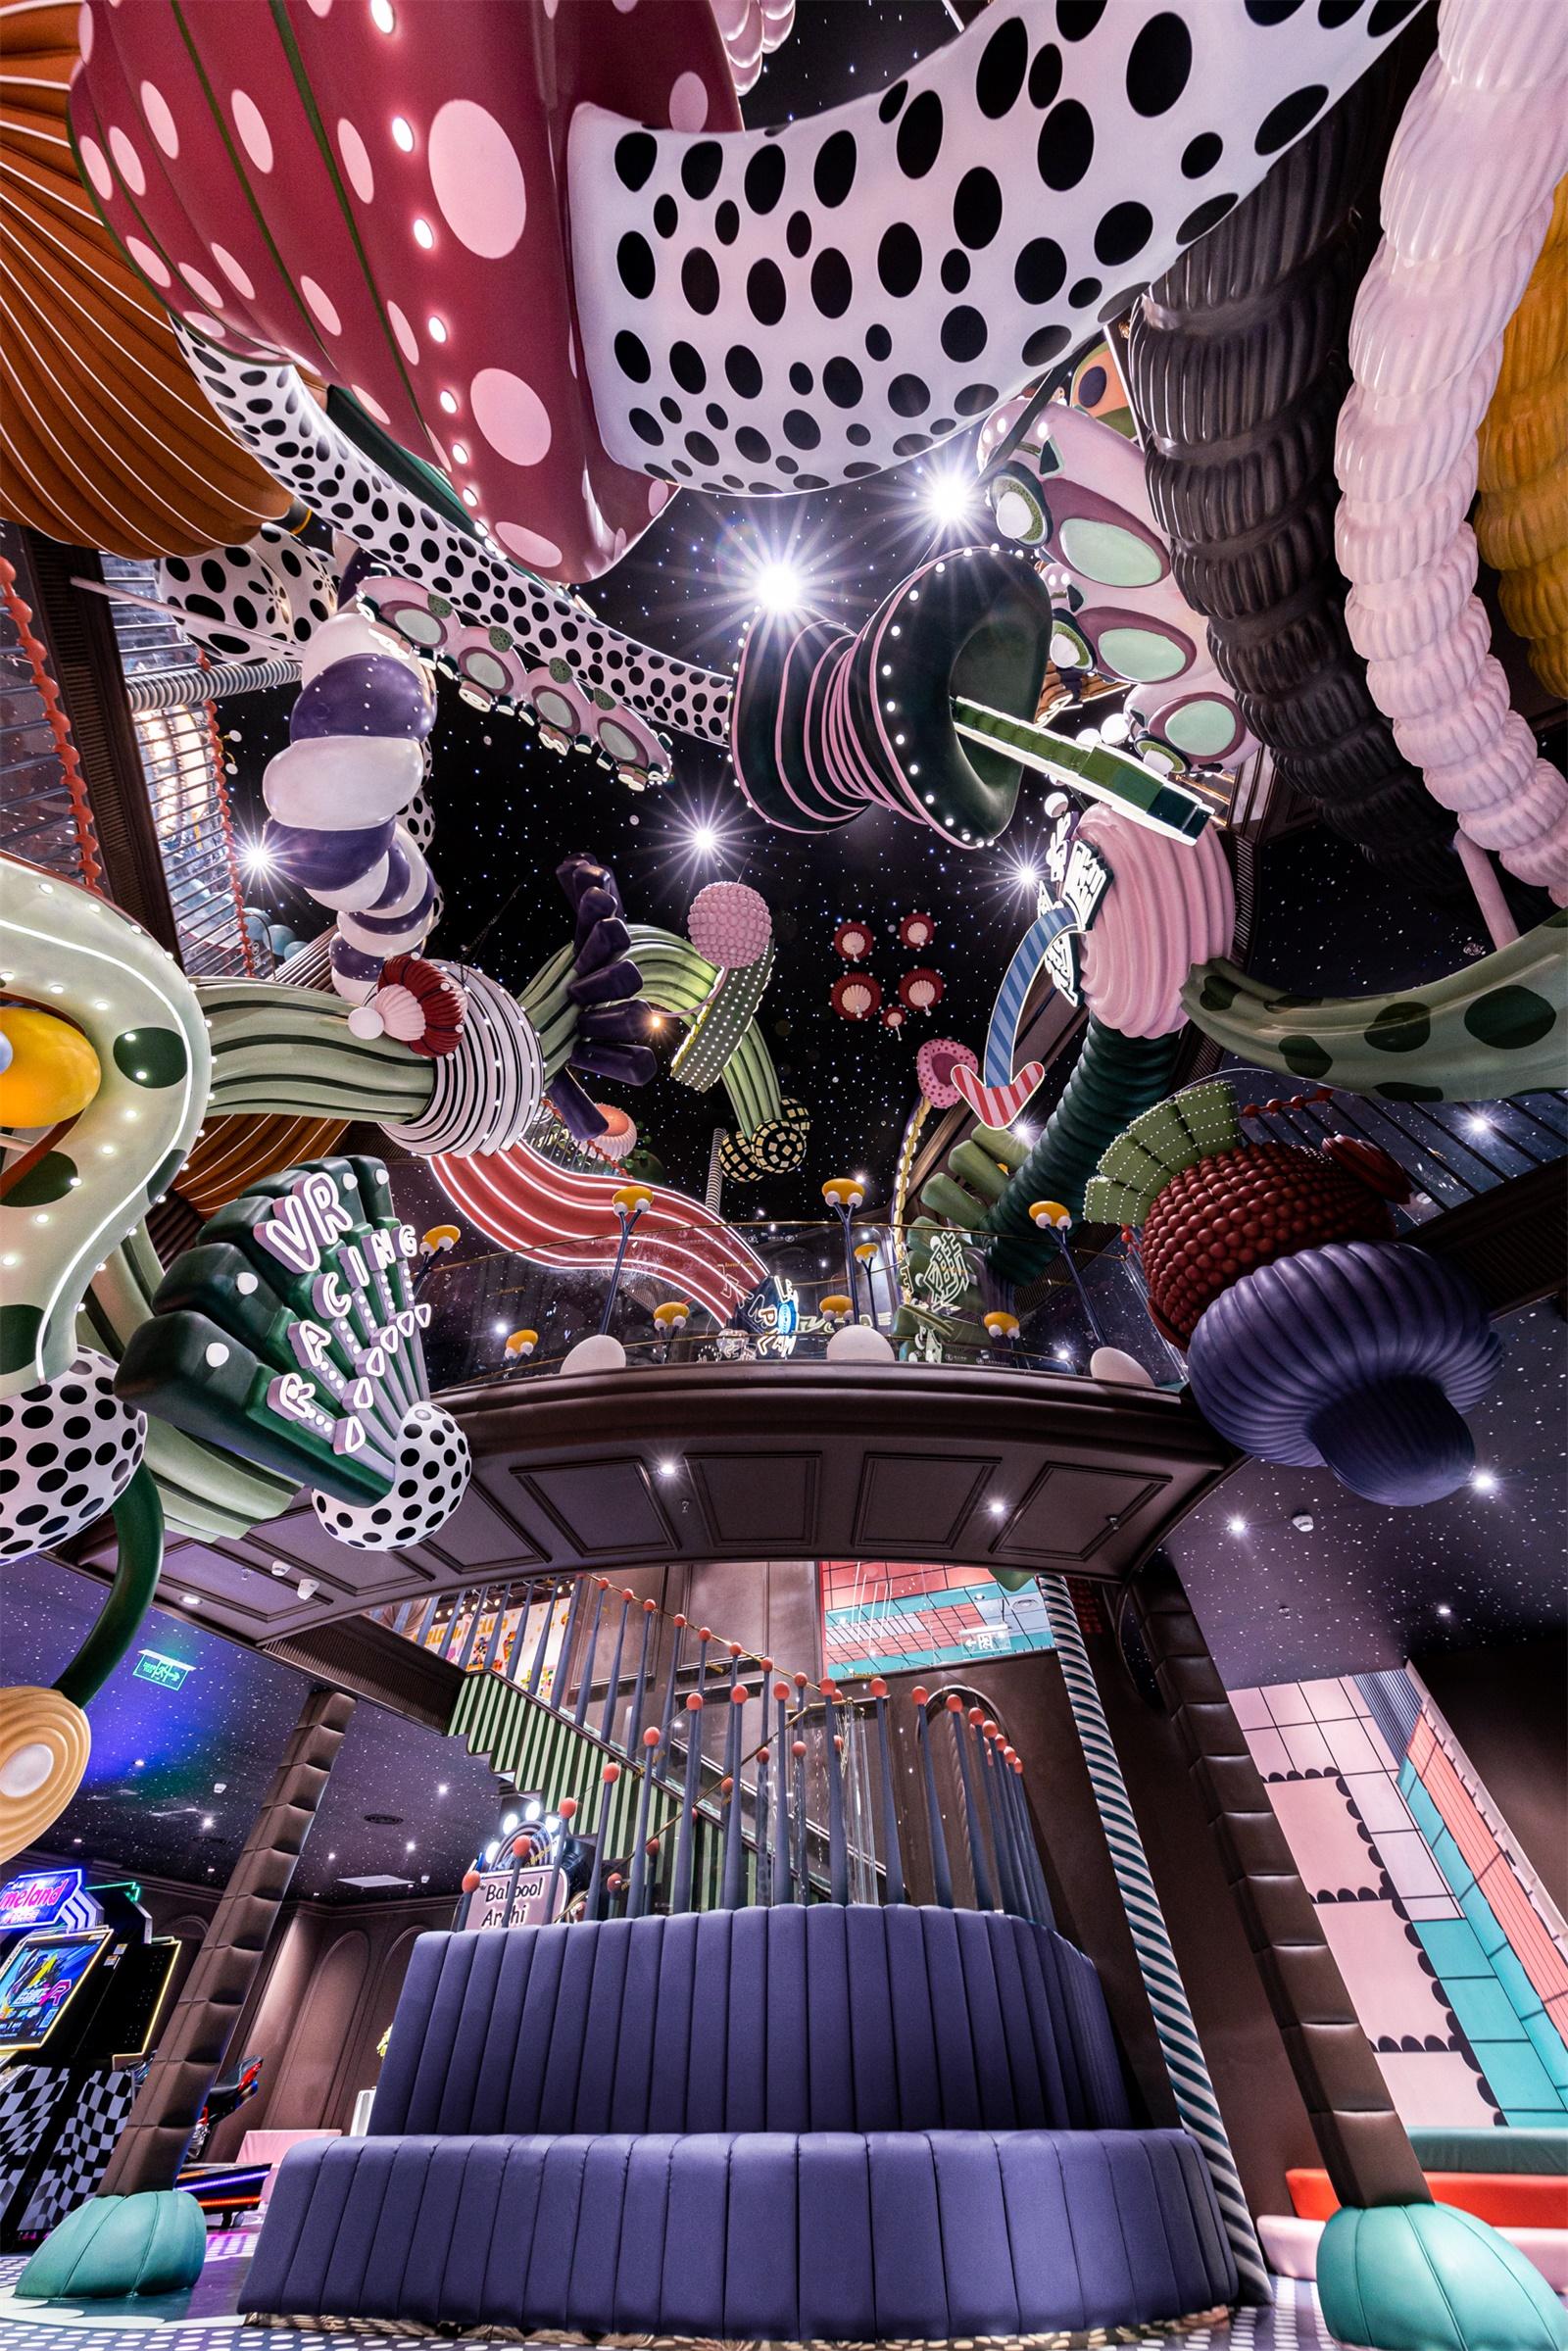 16_Legelandet har et 10 meter højt atrium, hvor der ses skiltning til de mange forskellige niveauer